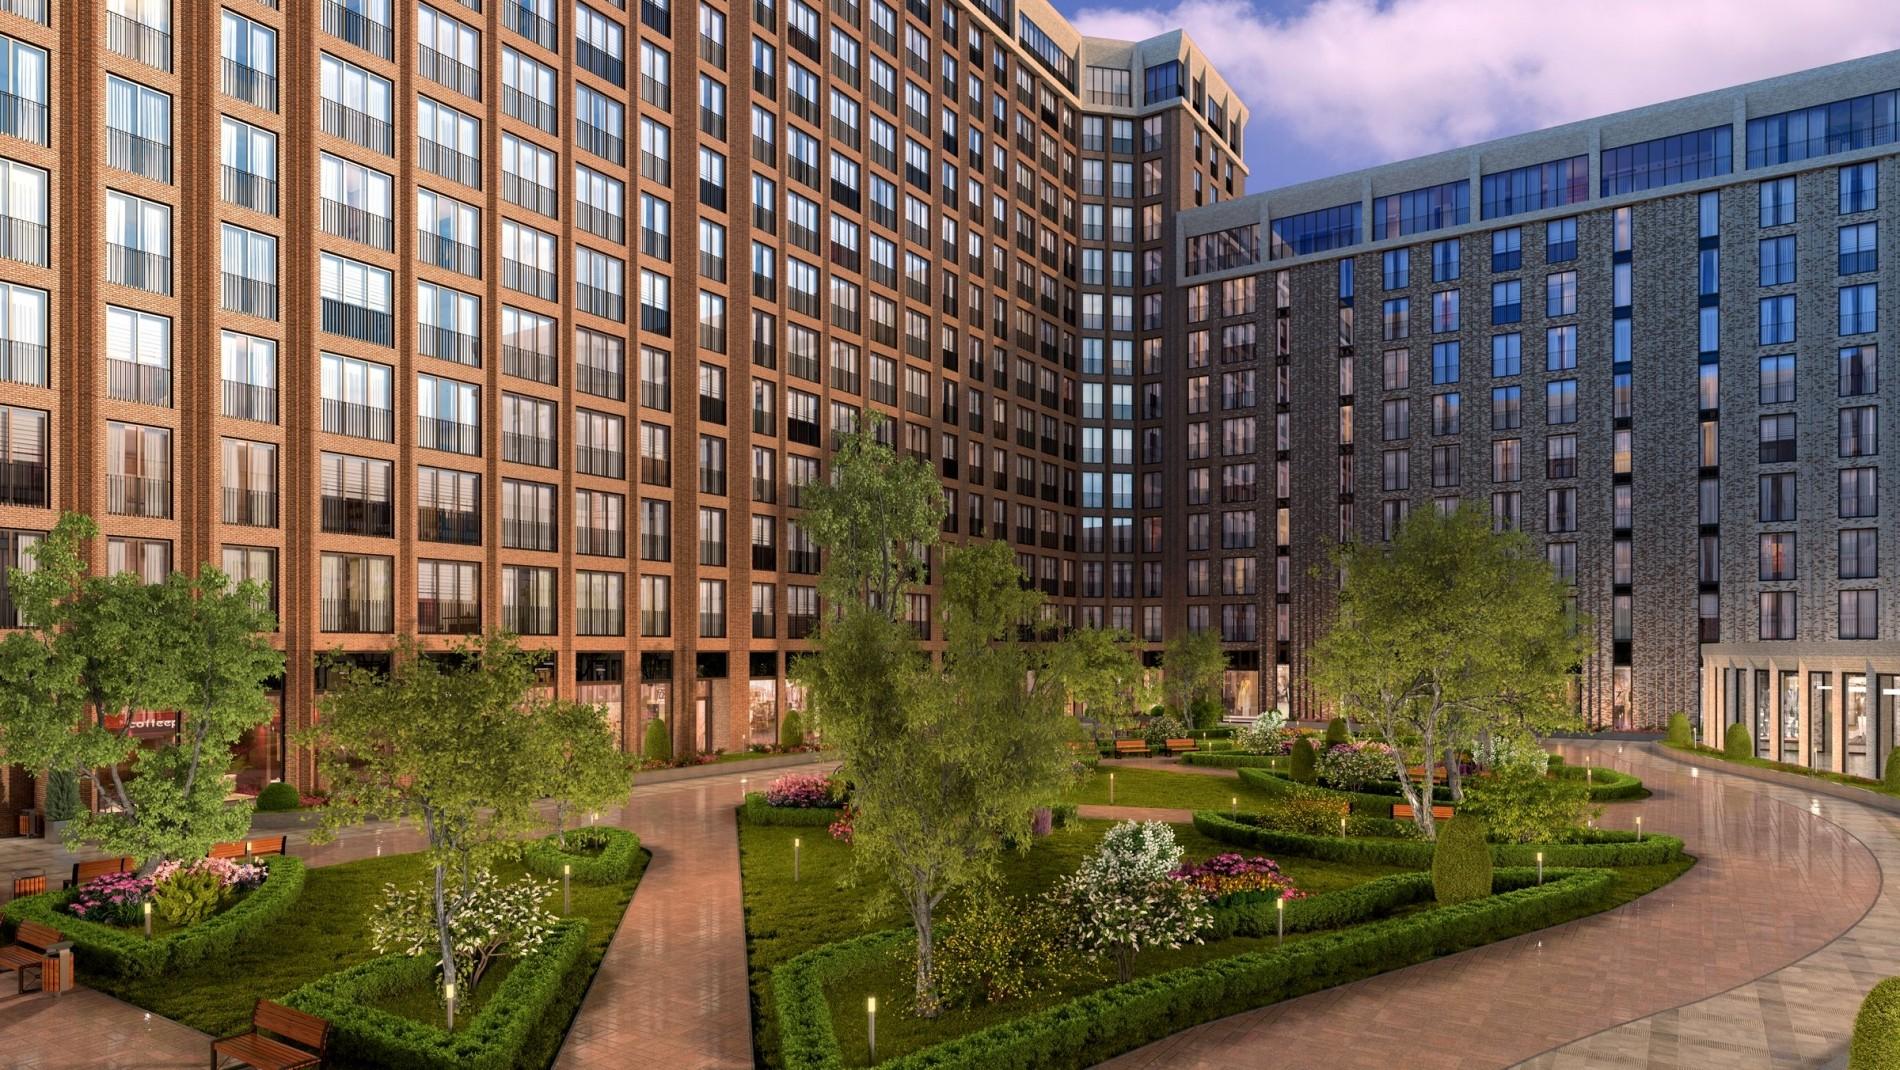 Зелёный двор –это хорошо, но высокие бетонные коробки создают ощущение духоты даже на картинке.